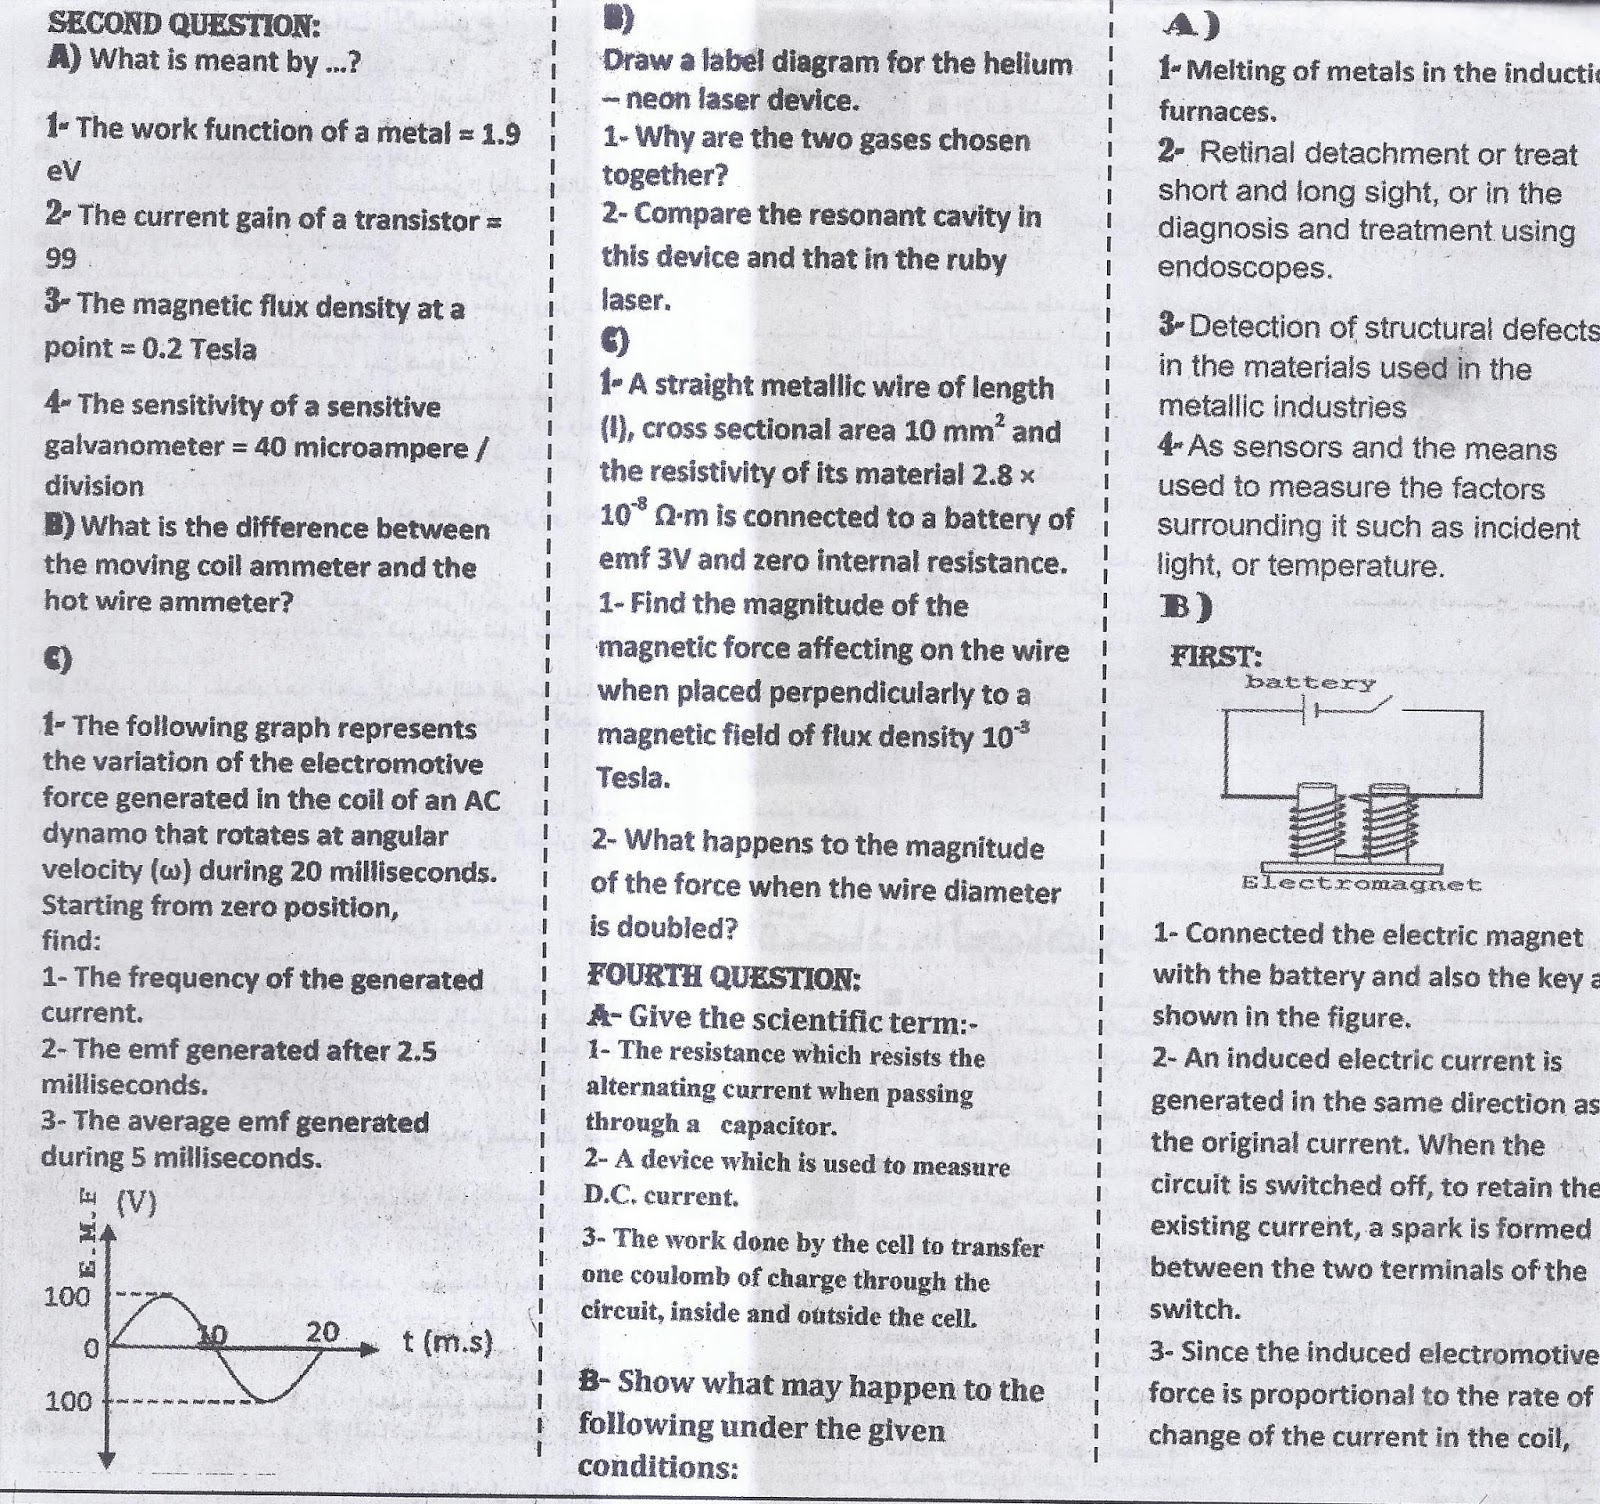 """مراجعة فيزياء .. اهم اسئلة علل واهم المسائل والرسومات البيانية للثانوية العامة """"عربي ولغات"""" 21"""